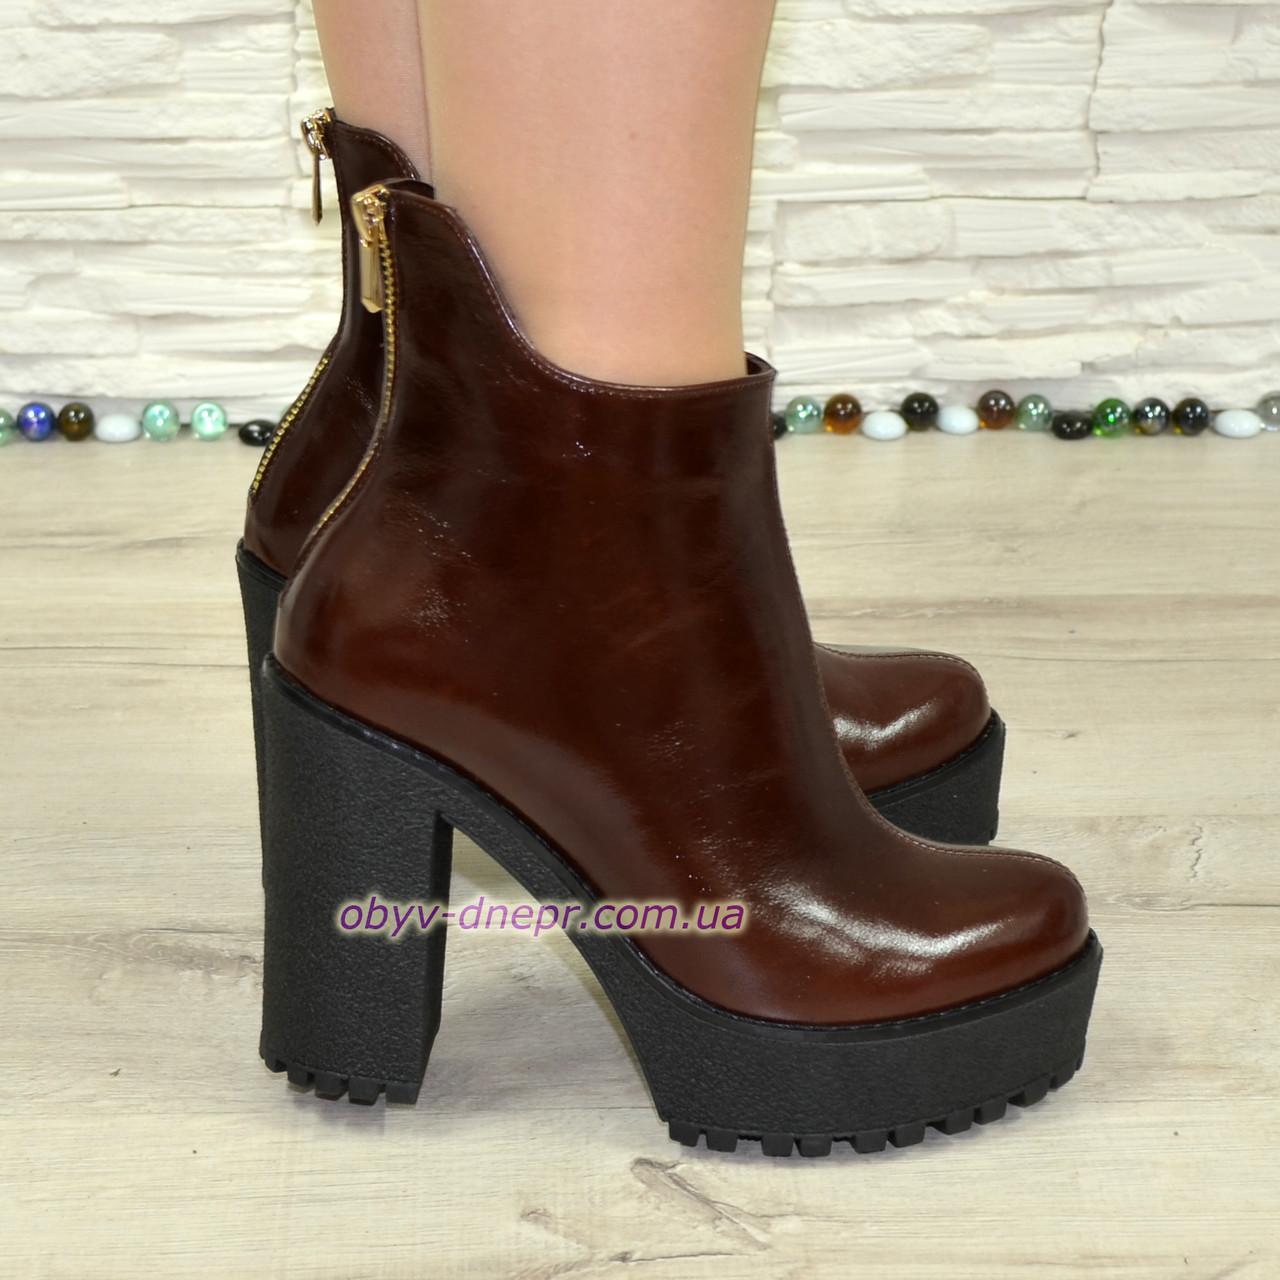 Ботинки кожаные женские на высоком каблуке. Коричневый цвет